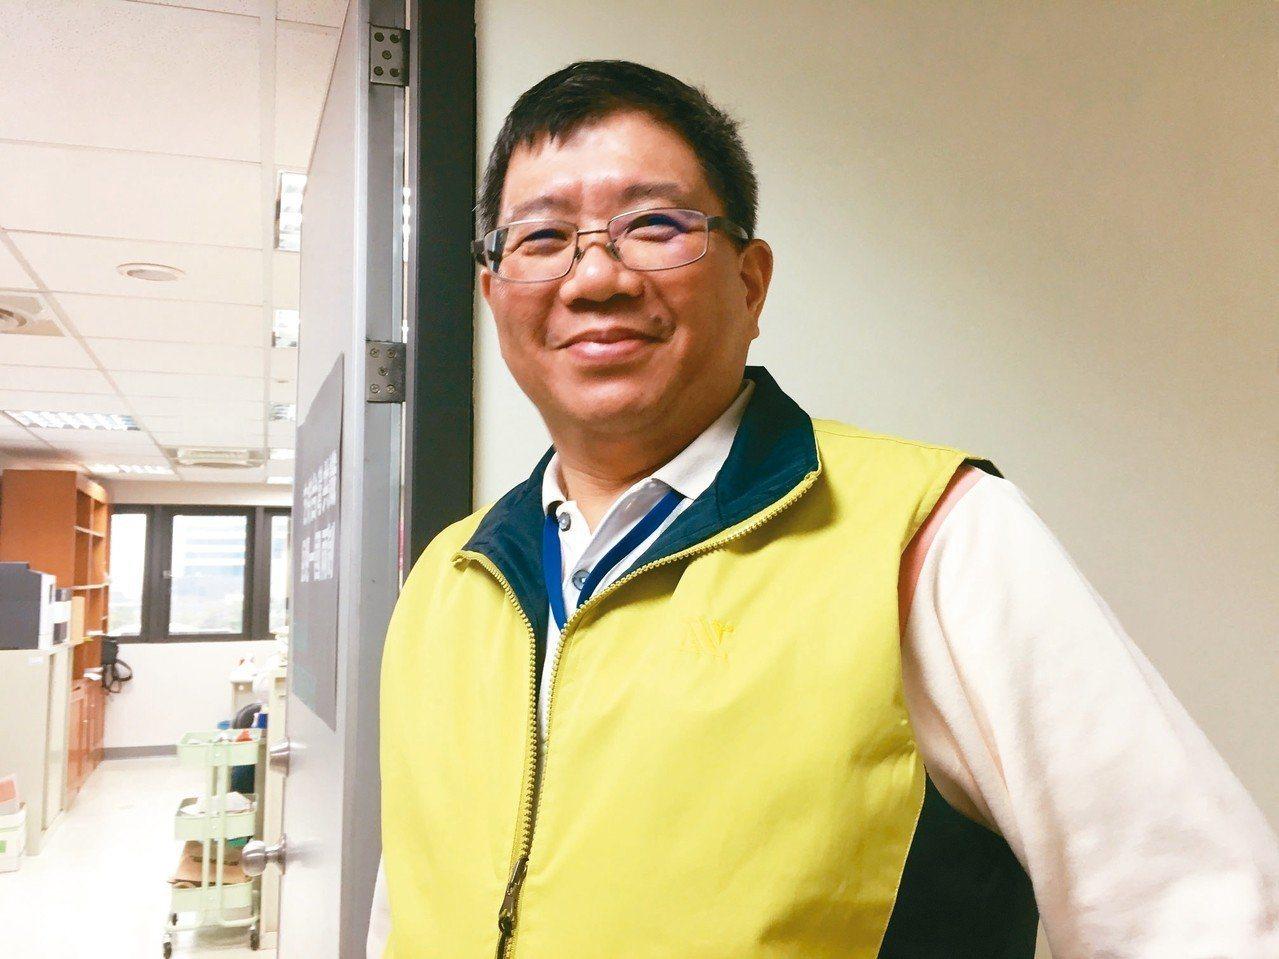 北市工務局長內定由新工處長林志峯升任。記者張世杰/攝影